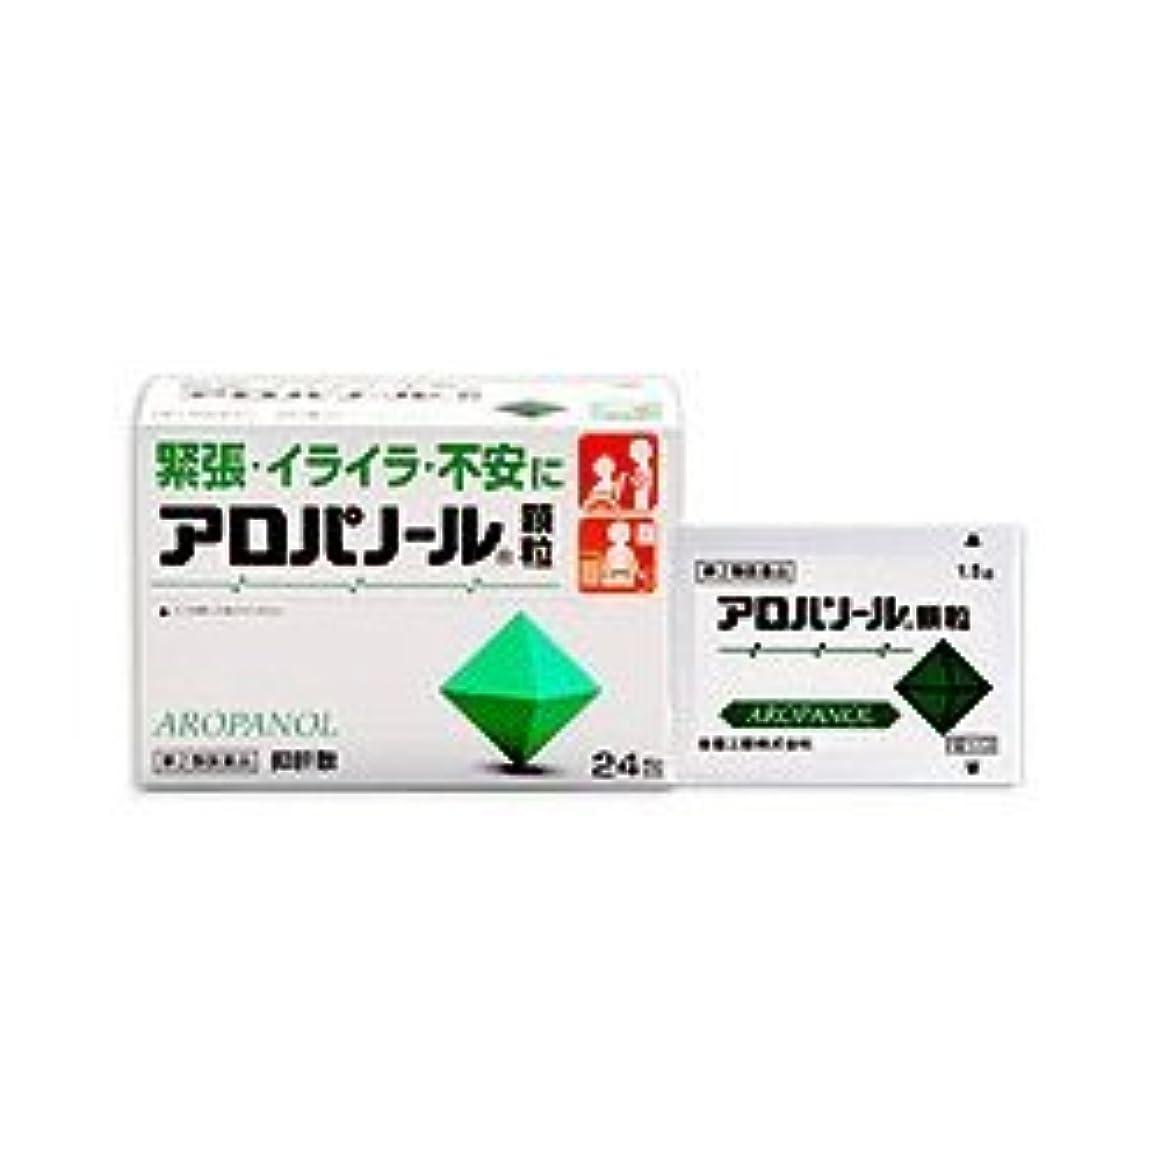 気味の悪い気を散らすブラケット【第2類医薬品】アロパノール顆粒 24包 ×3